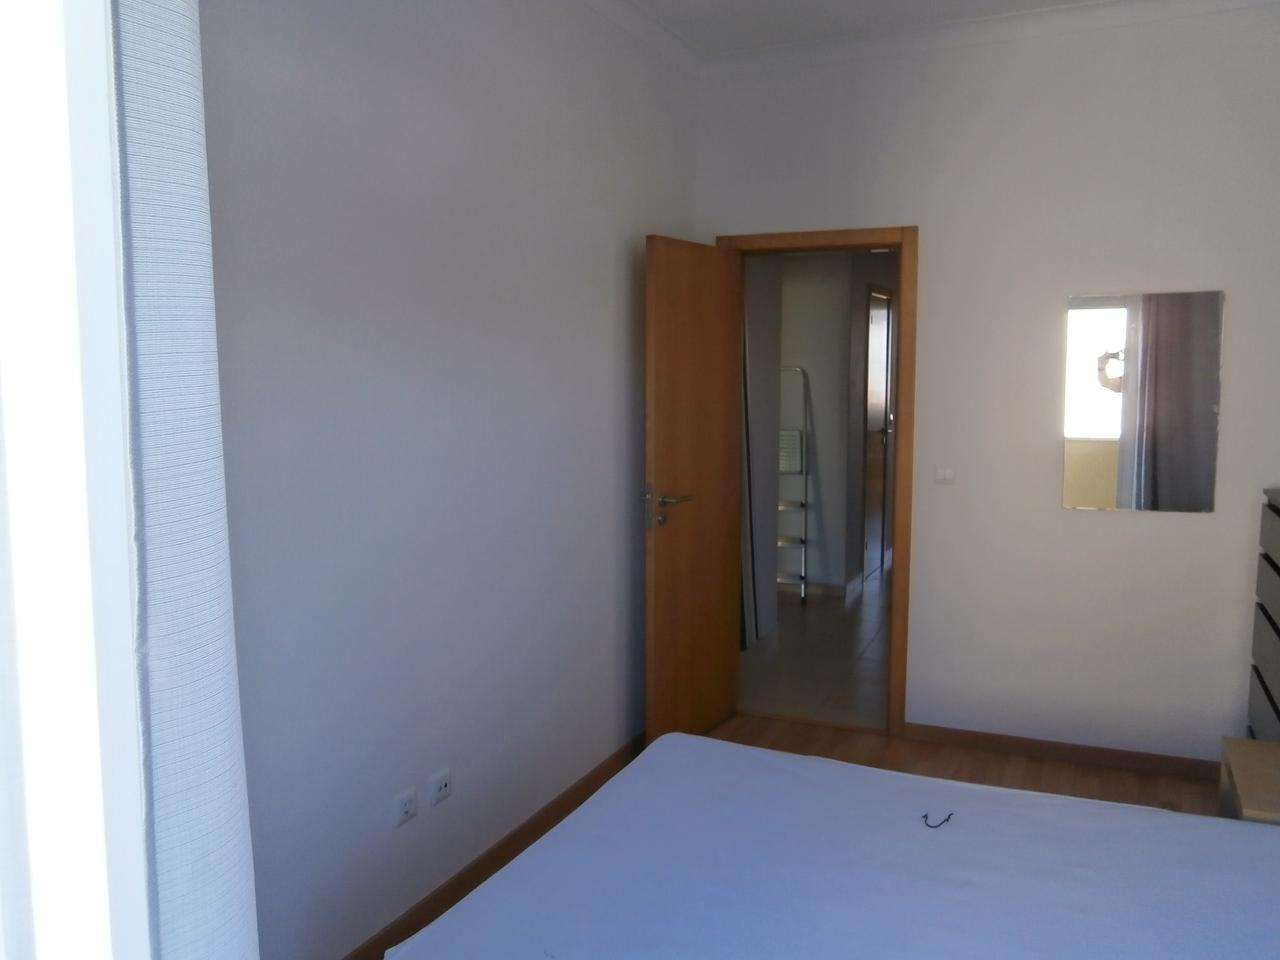 Apartamento para comprar, Laranjeiro e Feijó, Setúbal - Foto 11